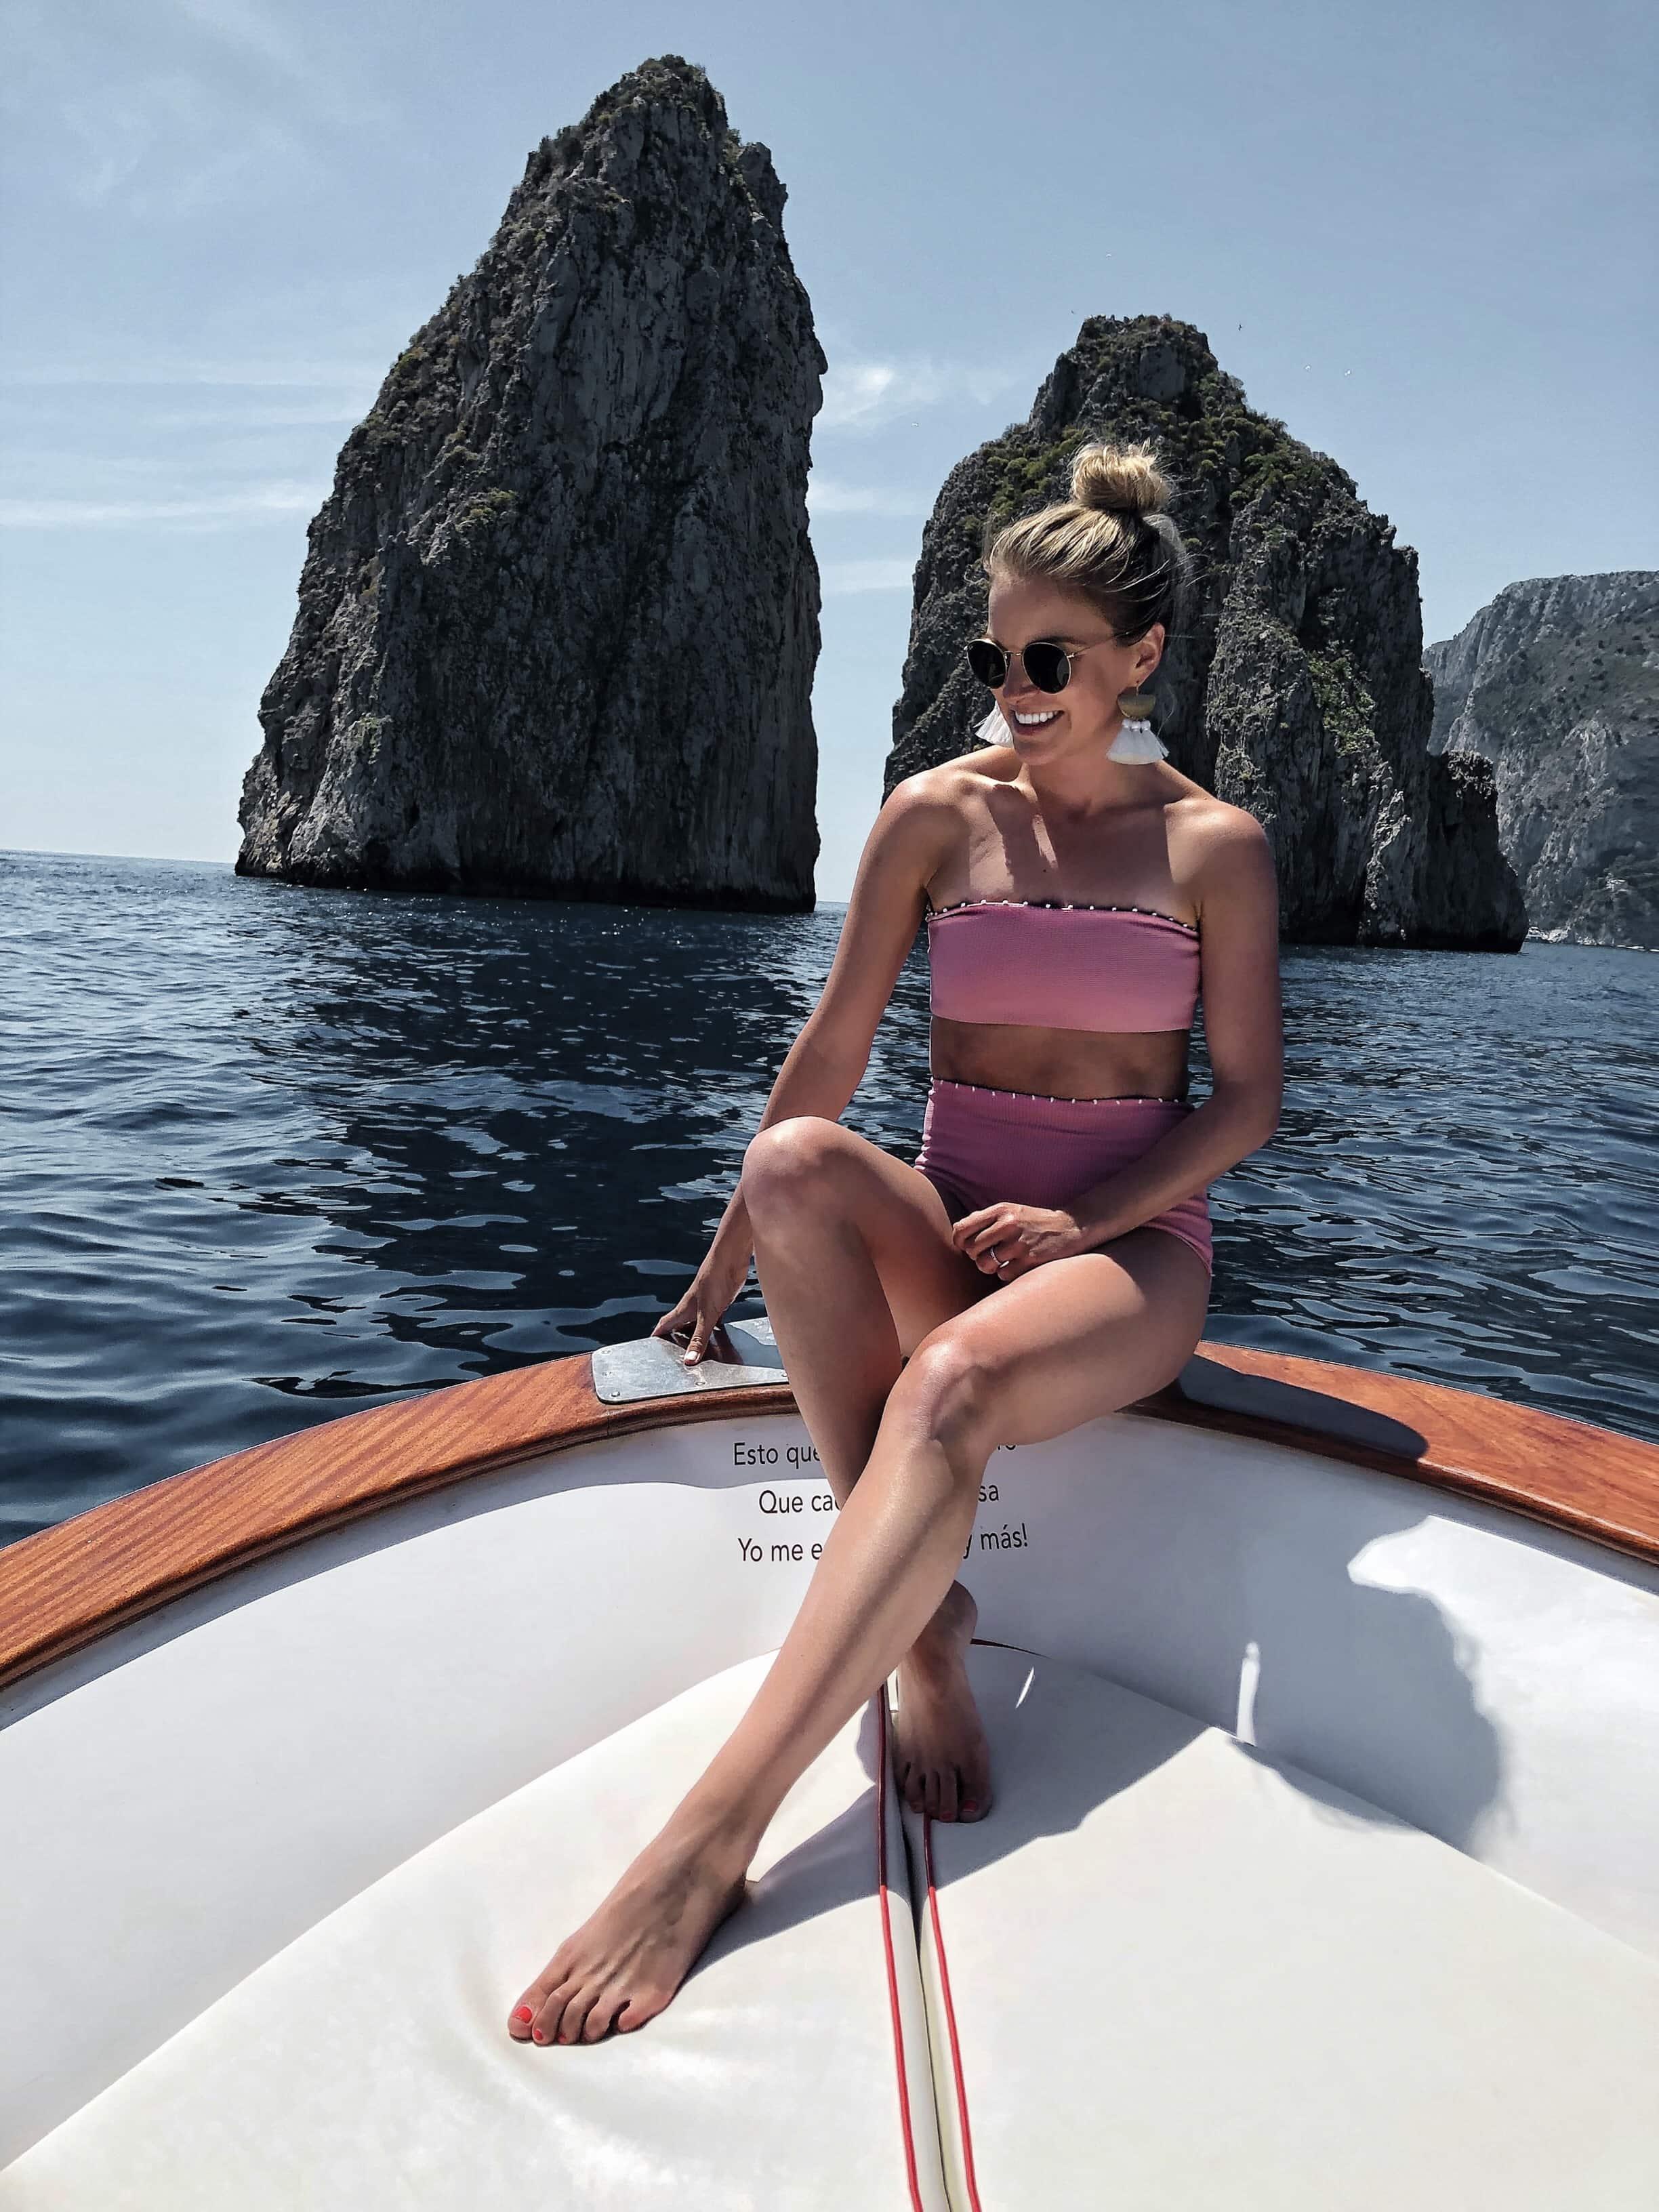 Boat rentals in Capri